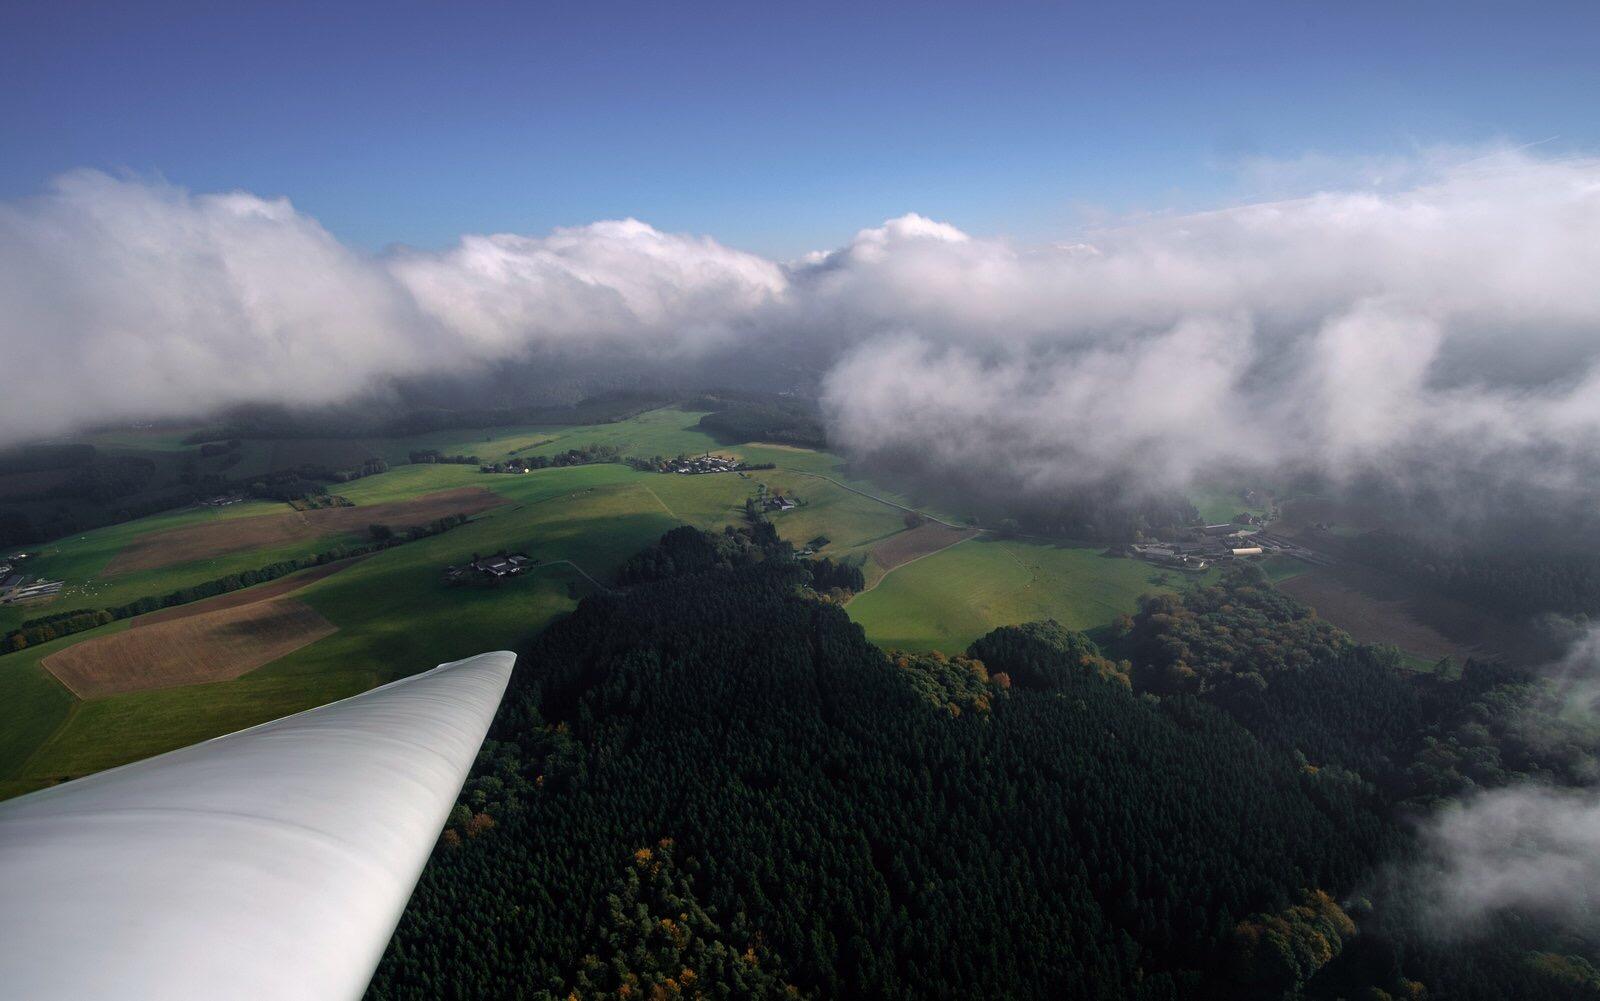 Fliegerlager in der Schwäbischen Alb